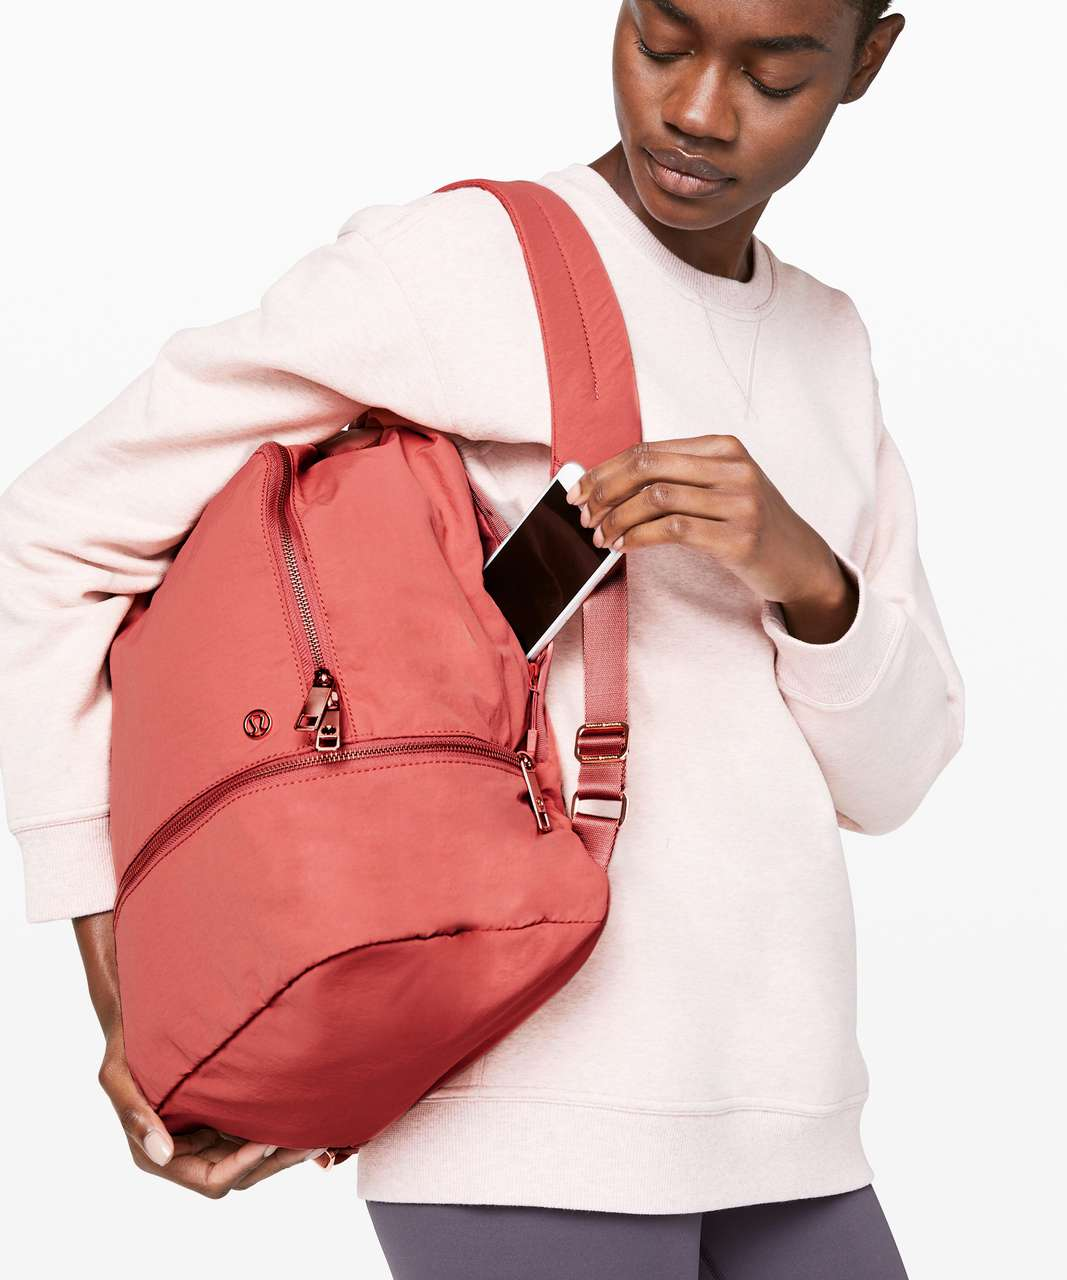 Lululemon City Adventurer Backpack *17L - Rustic Coral